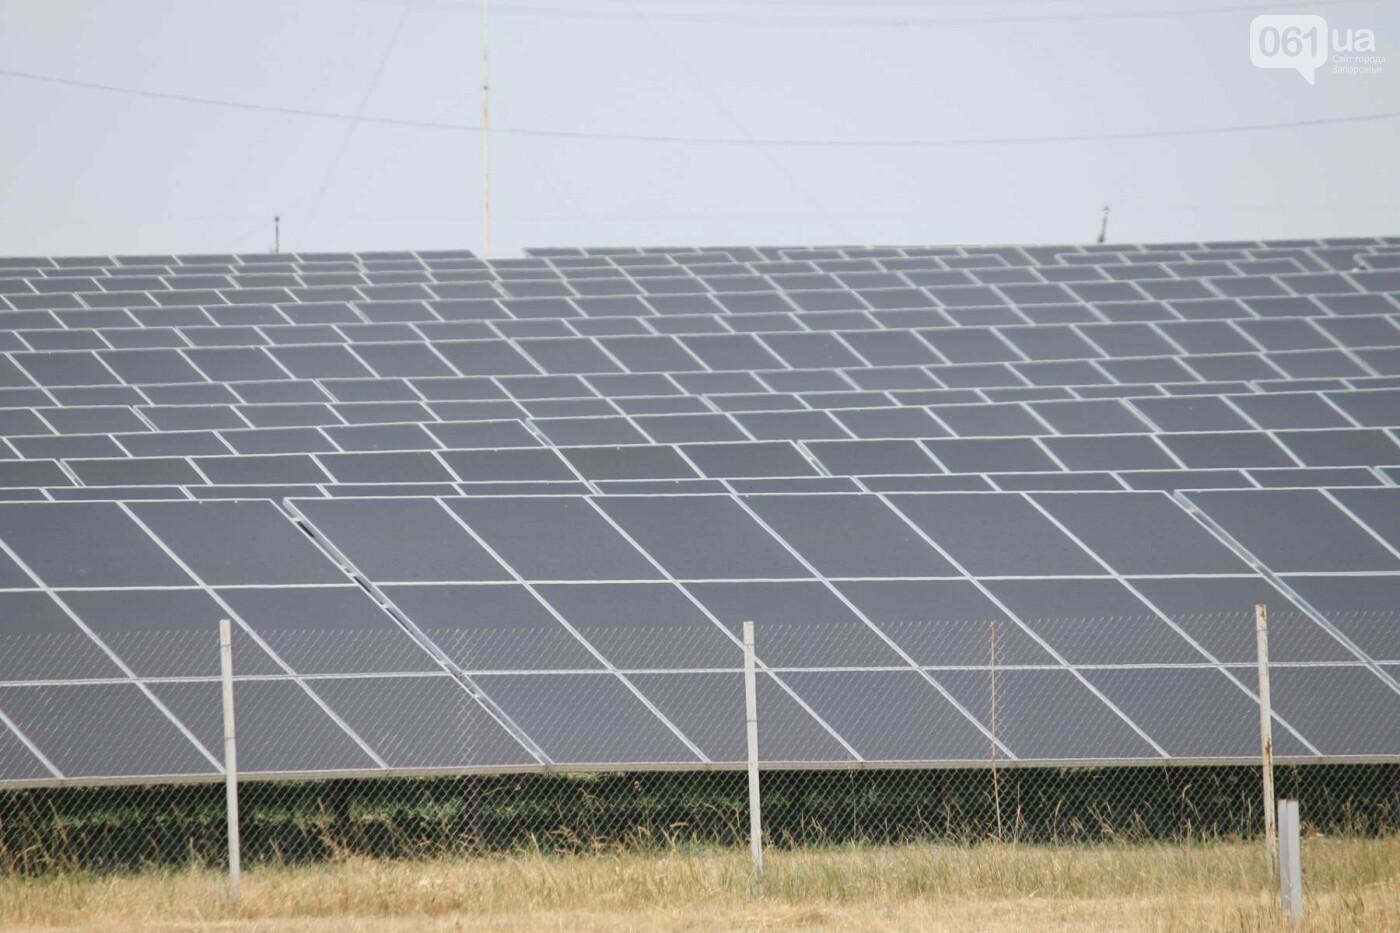 Как в Запорожской области работает крупнейшая в Украине солнечная станция: экскурсия на производство, — ФОТОРЕПОРТАЖ, фото-46